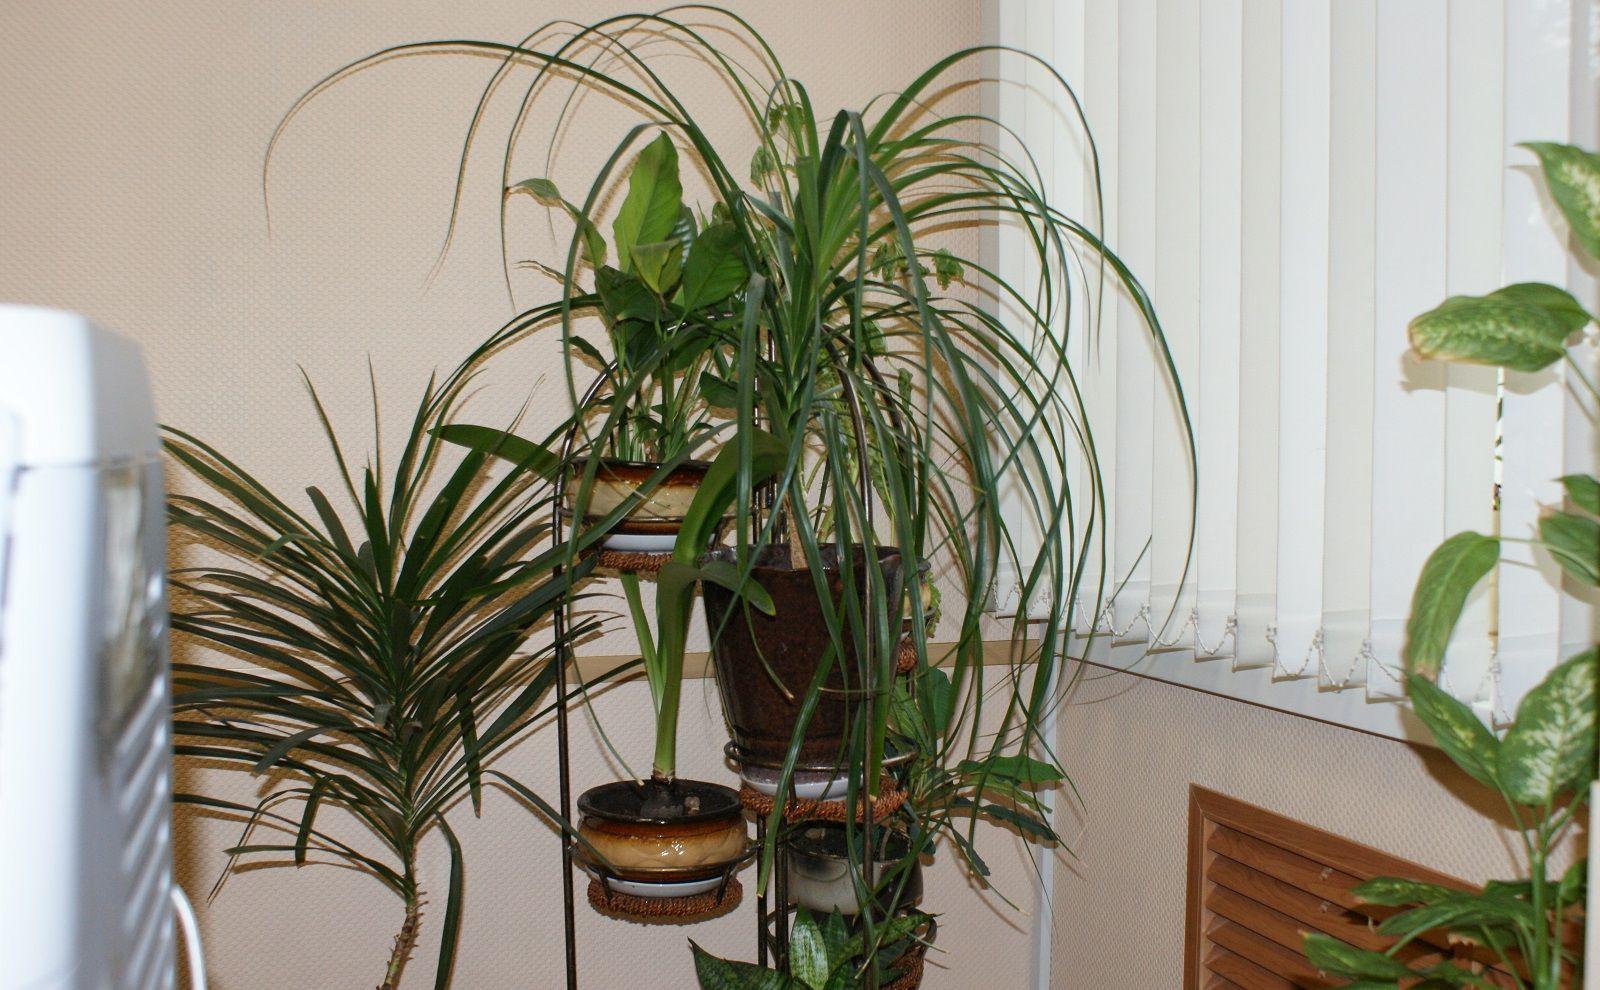 Piante Per Ufficio Poca Luce : Piante appartamento per zone ombrose con piante da interno poca